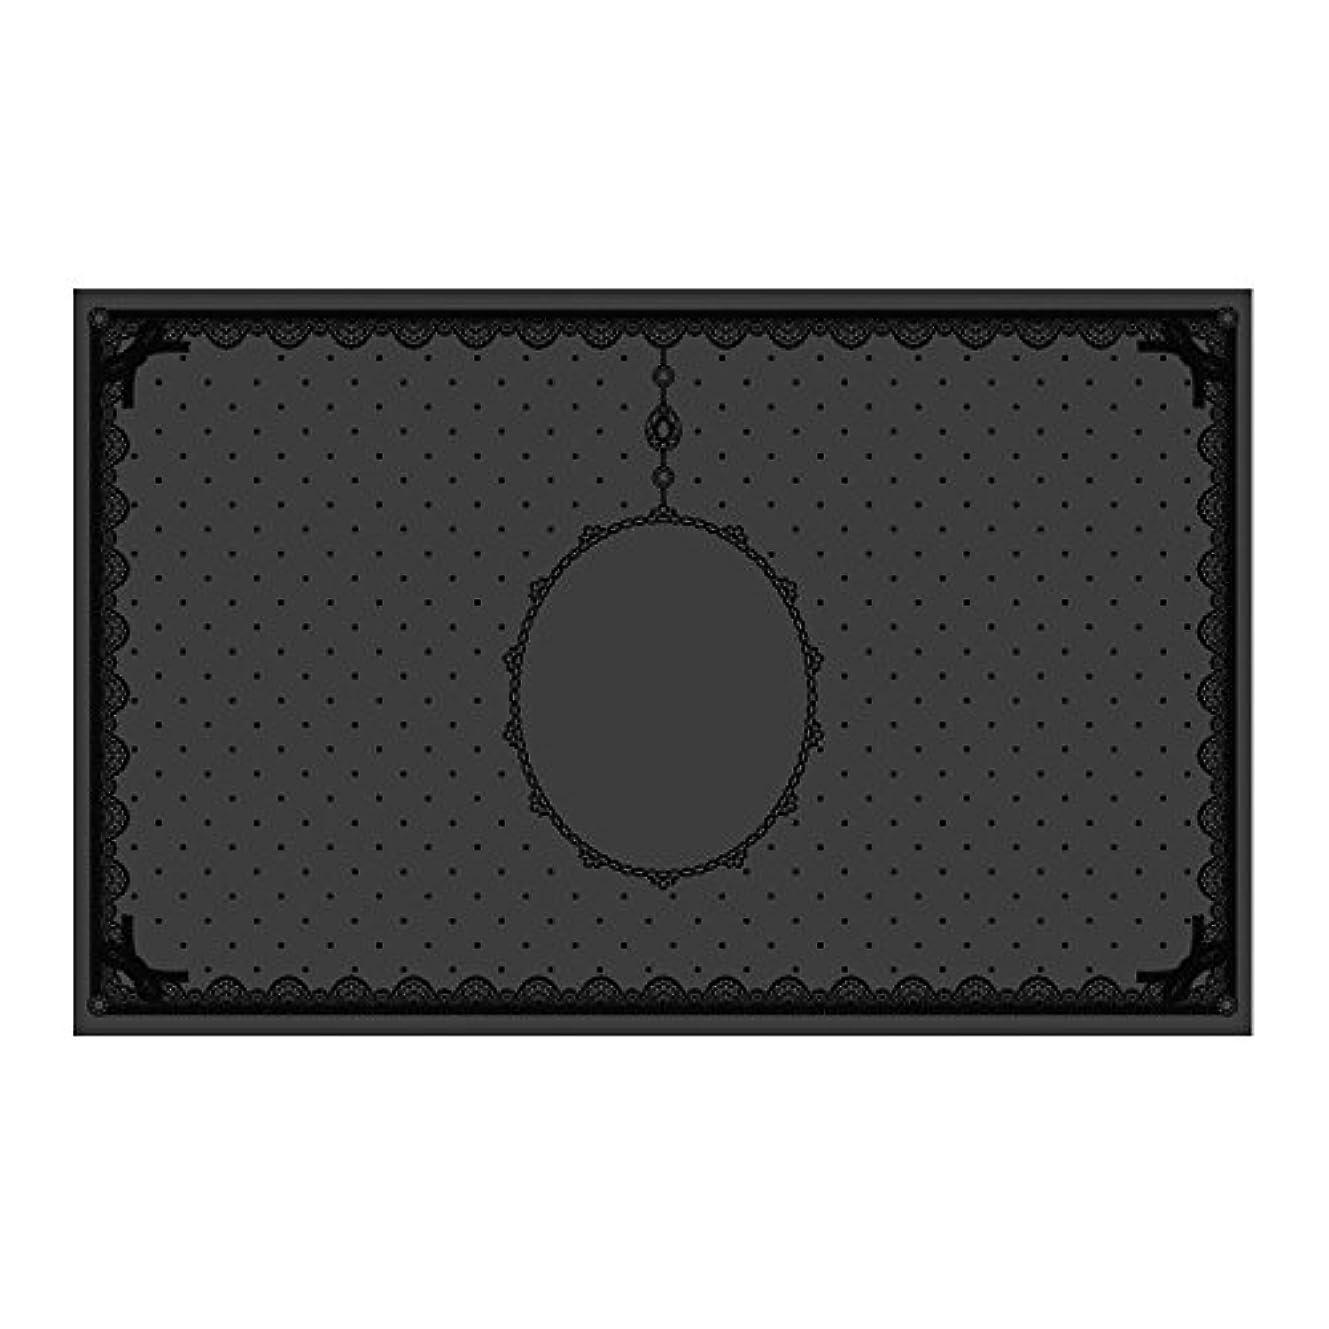 鉄道駅破壊的ジャンクションシリコンマット(表面コート)ブラック